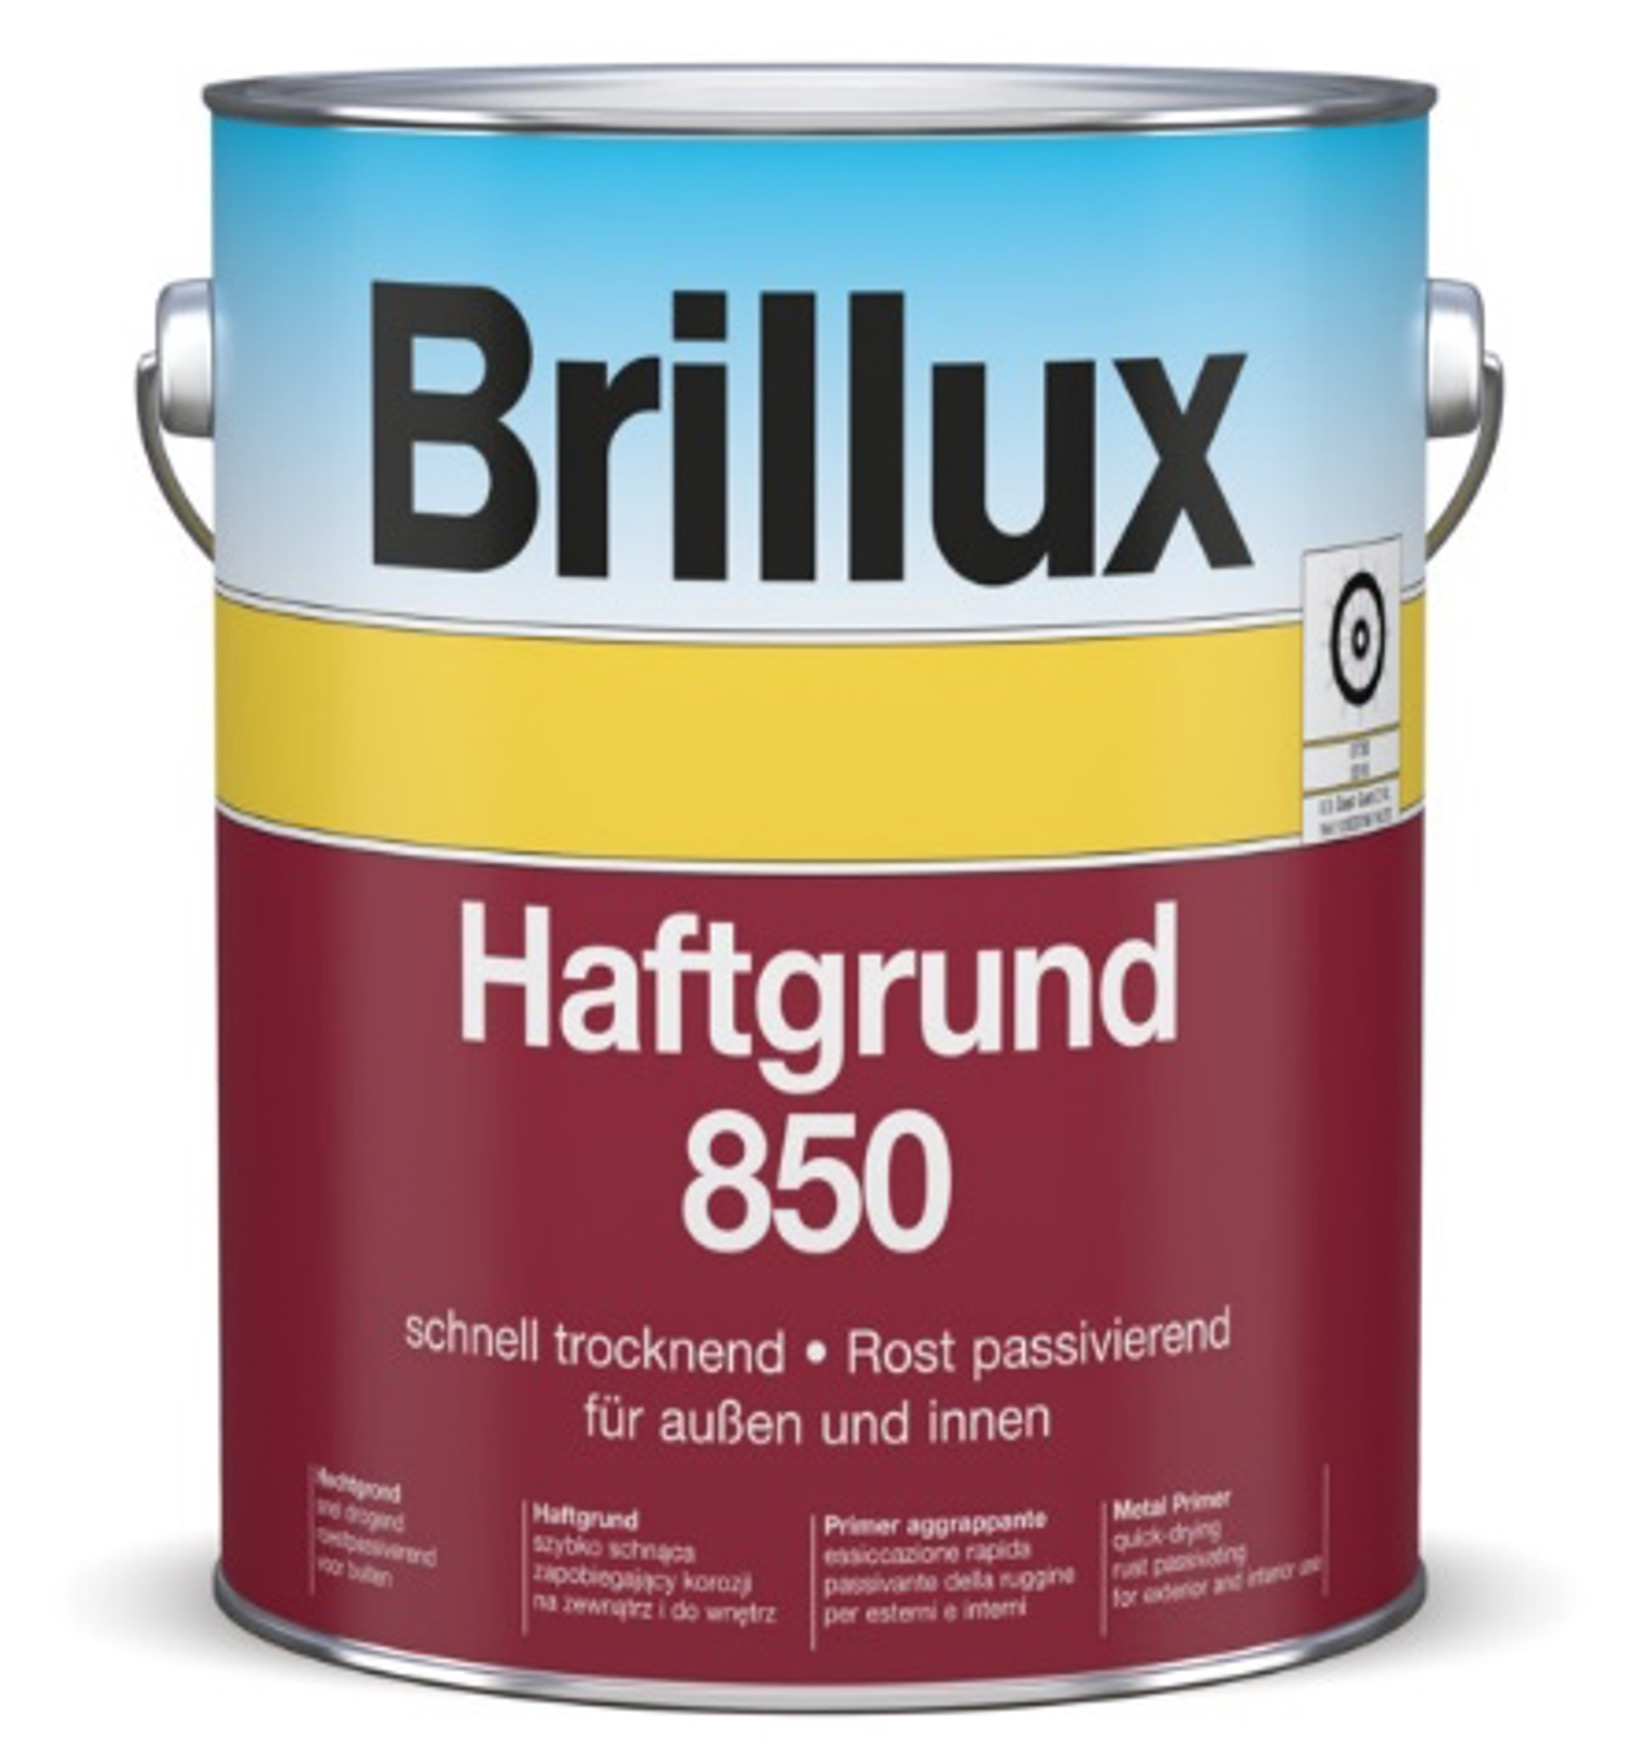 Brillux Impredur Haftgrund 850 Rostschutz-, Grundanstrich Image